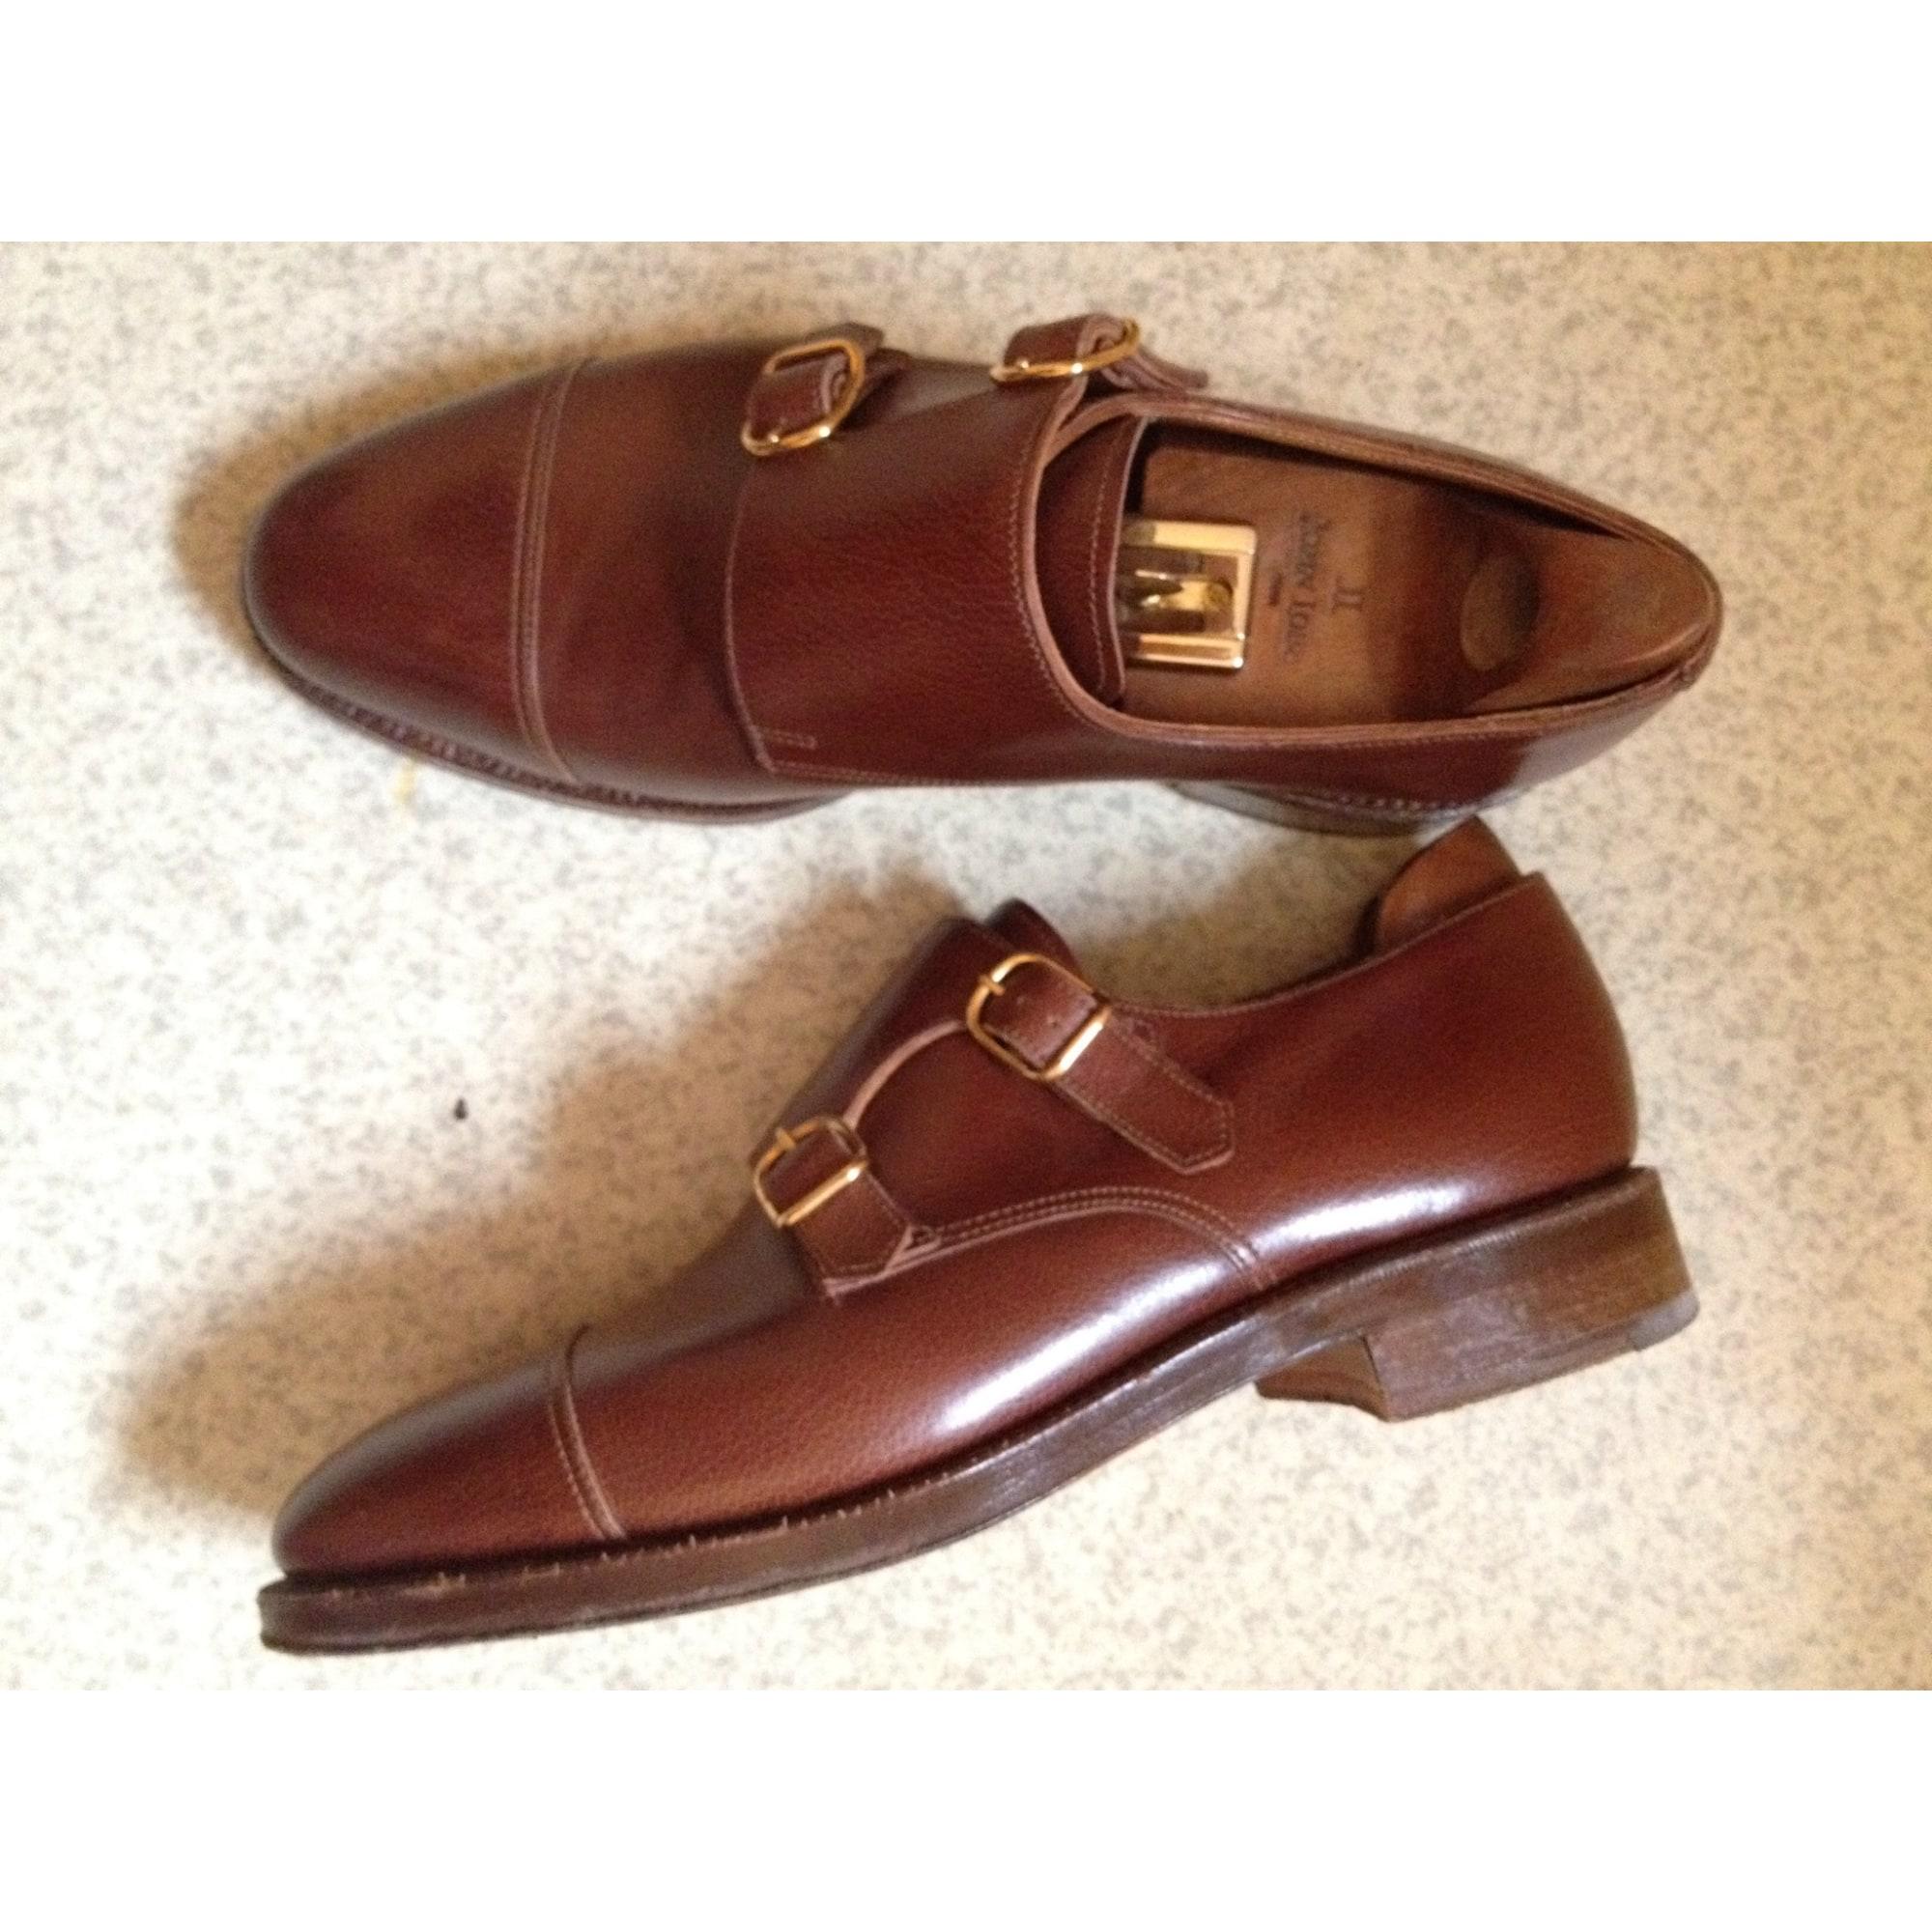 109994d0743a Chaussures à boucles JOHN LOBB 41 marron vendu par Sandra 7105844 ...